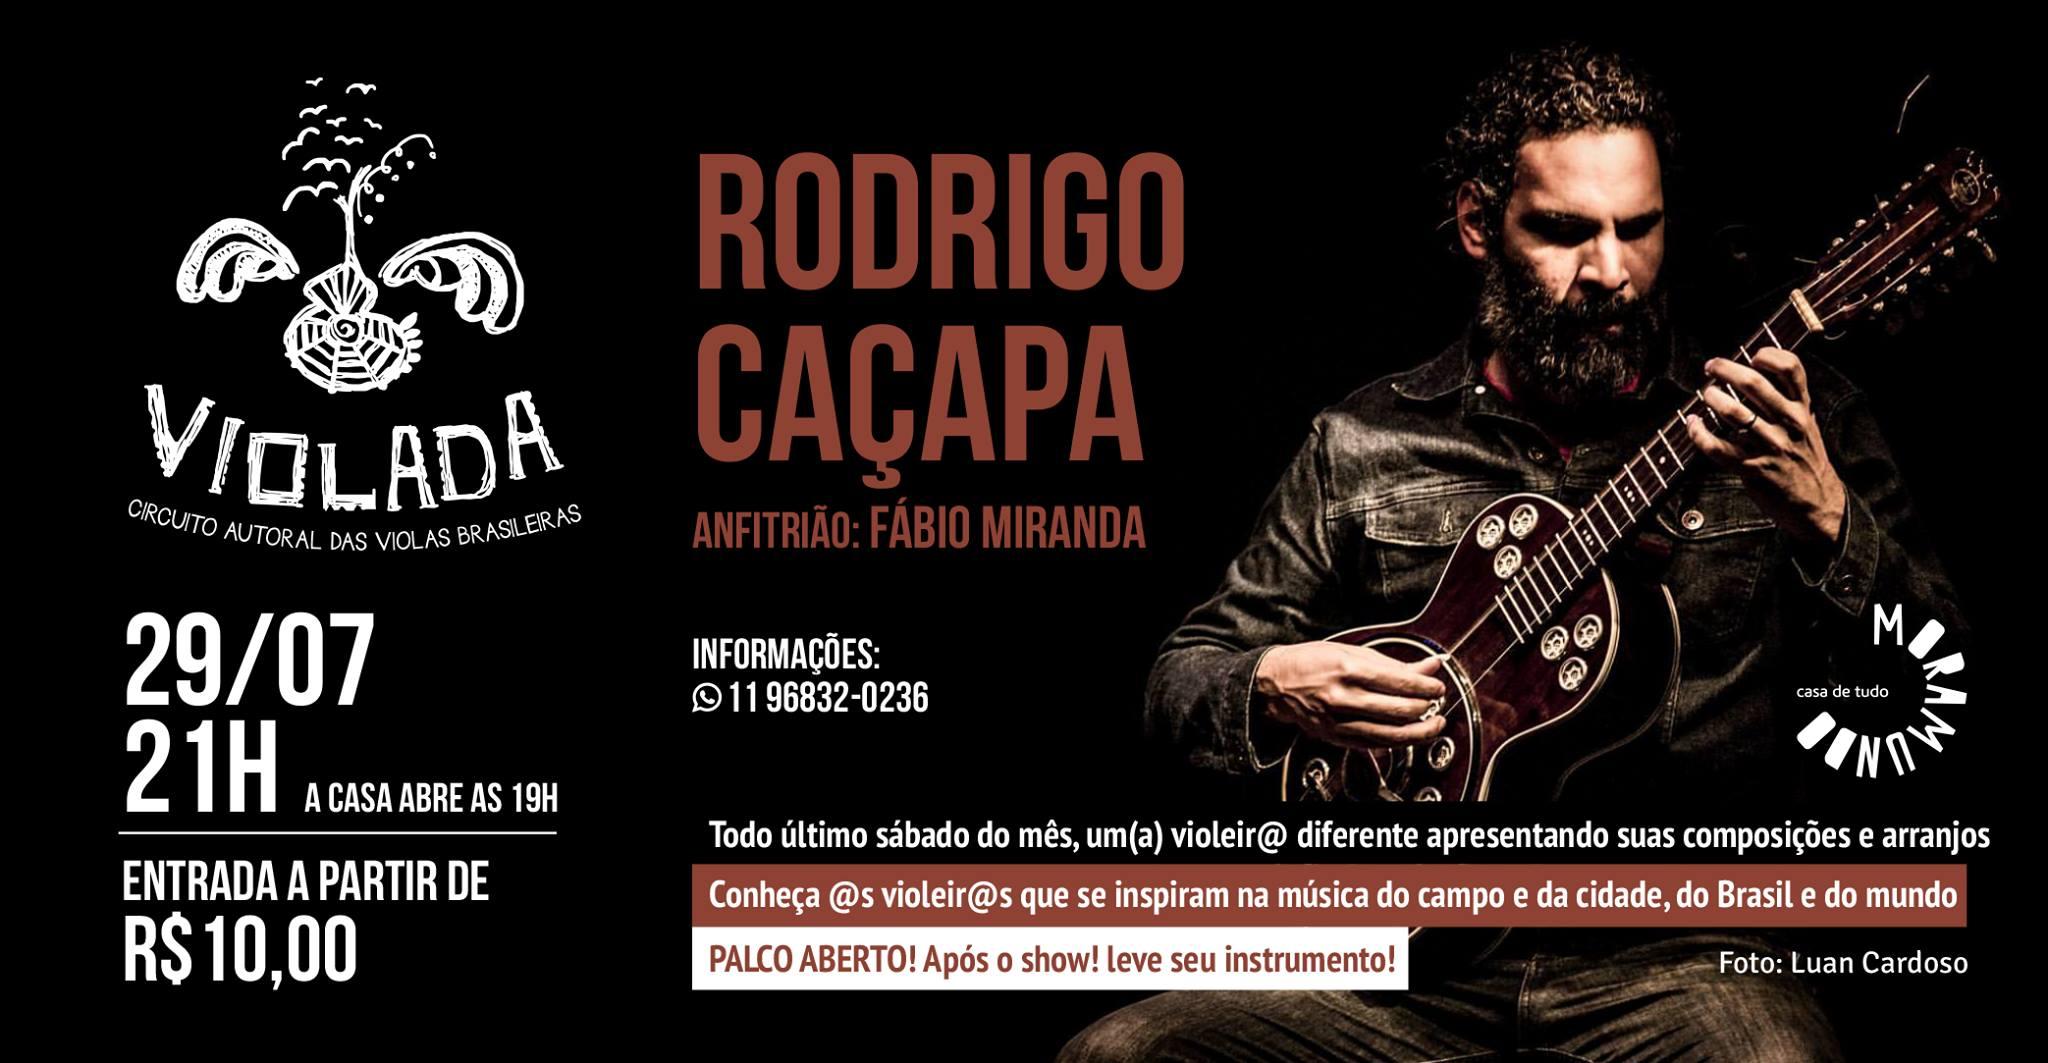 CAÇAPA Violada MoraMundo SP 29julho2017.jpg